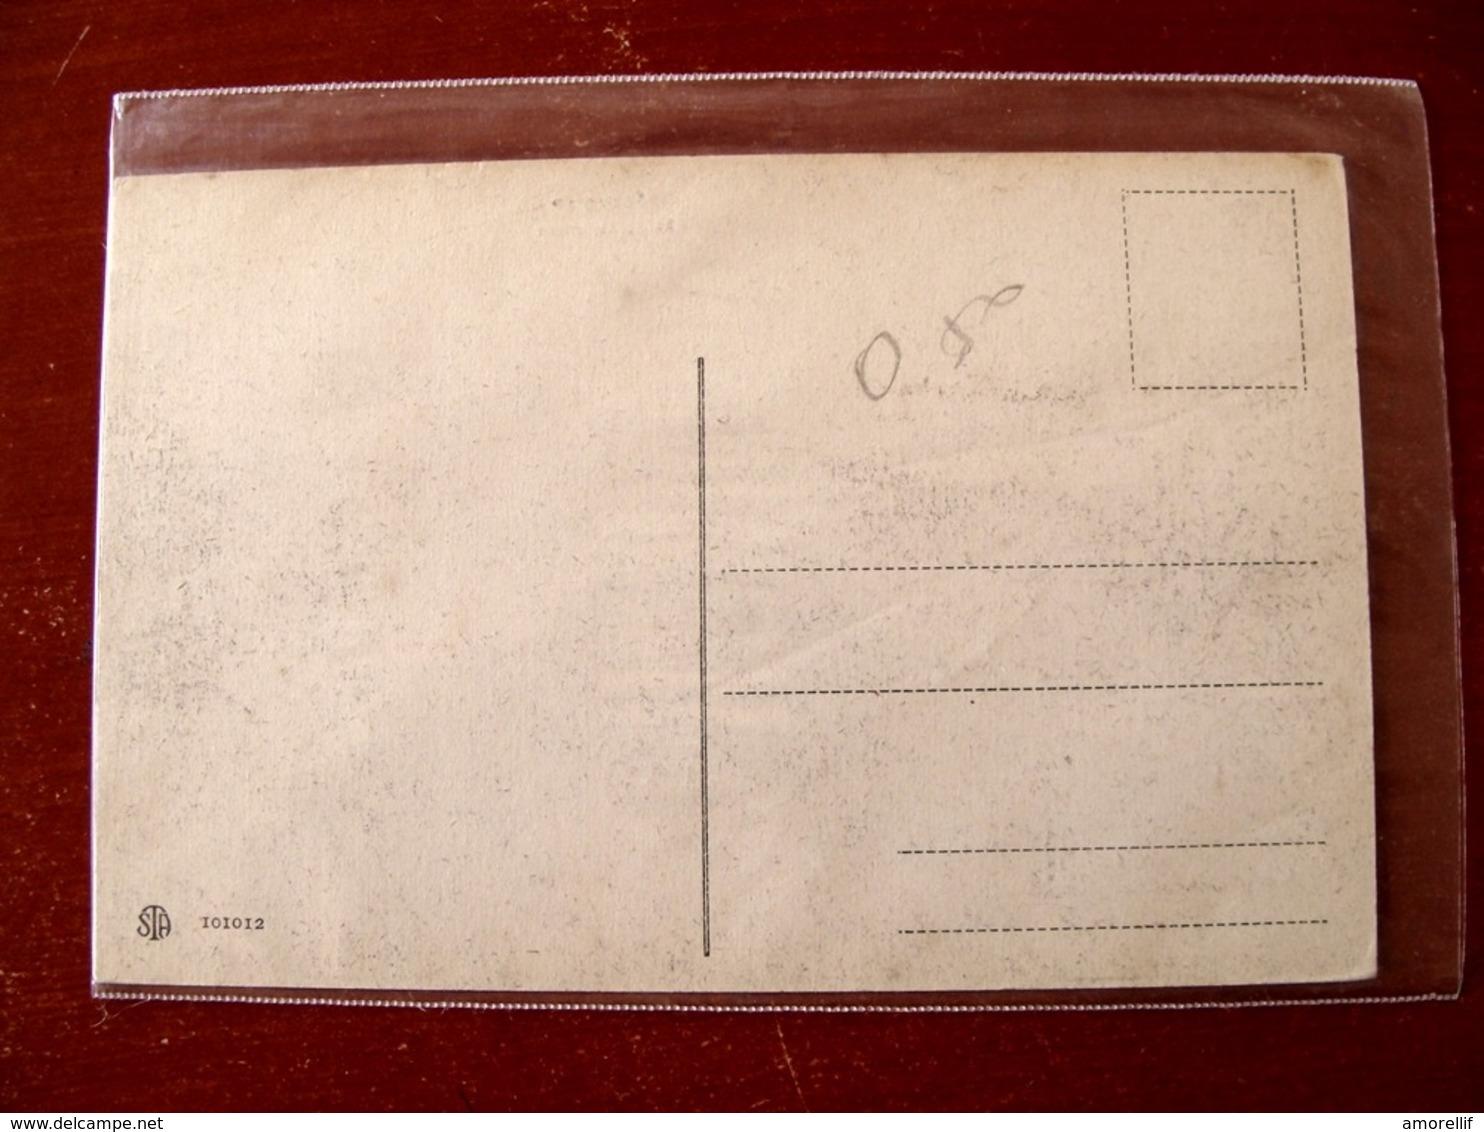 (FP.A04) SANREMO - GRAND HOTEL LONDRA (SAN REMO, IMPERIA) Albergo - Imperia